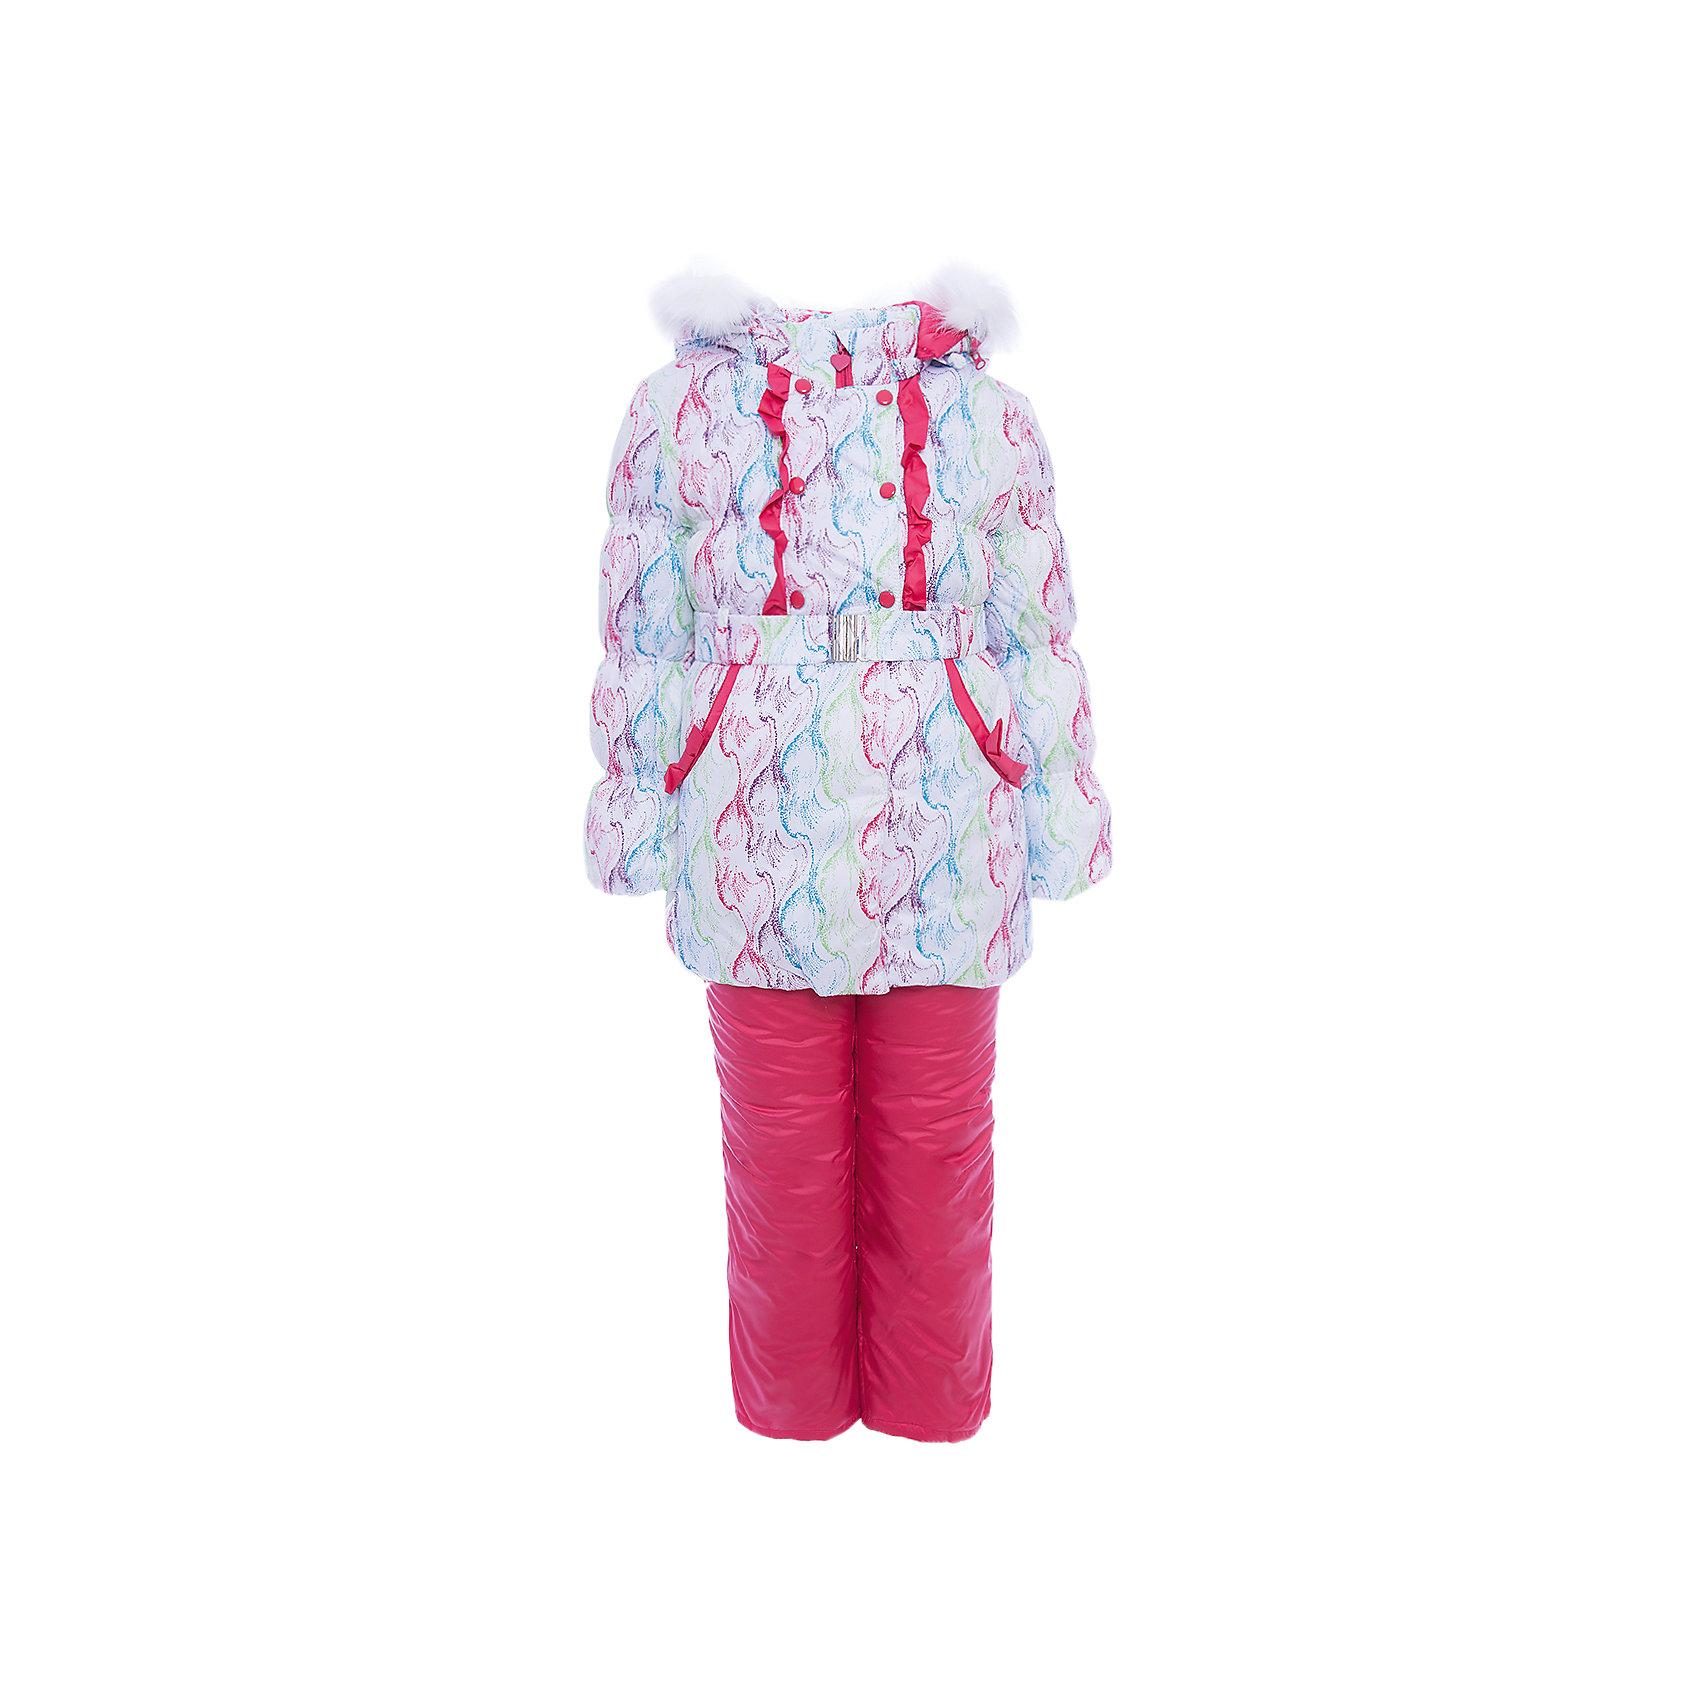 Комплект: куртка и полукомбинезон Симона OLDOS для девочкиВерхняя одежда<br>Характеристики товара:<br><br>• цвет: розовый<br>• комплектация: куртка и полукомбинезон<br>• состав ткани: 100% полиэстер, пропитка Teflon<br>• подкладка: хлопок, полиэстер<br>• утеплитель: Hollofan 250/200 г/м2<br>• подстежка: 60% шерсть, 40% полиэстер<br>• сезон: зима<br>• температурный режим: от -35 до 0<br>• застежка: молния<br>• капюшон: с мехом, съемный<br>• подстежка в комплекте<br>• страна бренда: Россия<br>• страна изготовитель: Россия<br><br>Этот зимний комплект состоит из куртки и удобного полукомбинезона, также с ним идет шерстяная подстежка. Обеспечить ребенку тепло и комфорт в мороз поможет такой теплый костюм для девочки. Подкладка зимнего комплекта комбинированная: хлопок и полиэстер. Зимний костюм для девочки дополнен элементами, помогающими скорректировать размер точно под ребенка. <br><br>Комплект: куртка и полукомбинезон Симона Oldos (Олдос) для девочки можно купить в нашем интернет-магазине.<br><br>Ширина мм: 356<br>Глубина мм: 10<br>Высота мм: 245<br>Вес г: 519<br>Цвет: розовый<br>Возраст от месяцев: 60<br>Возраст до месяцев: 72<br>Пол: Женский<br>Возраст: Детский<br>Размер: 116,86,92,98,104,110<br>SKU: 7016918